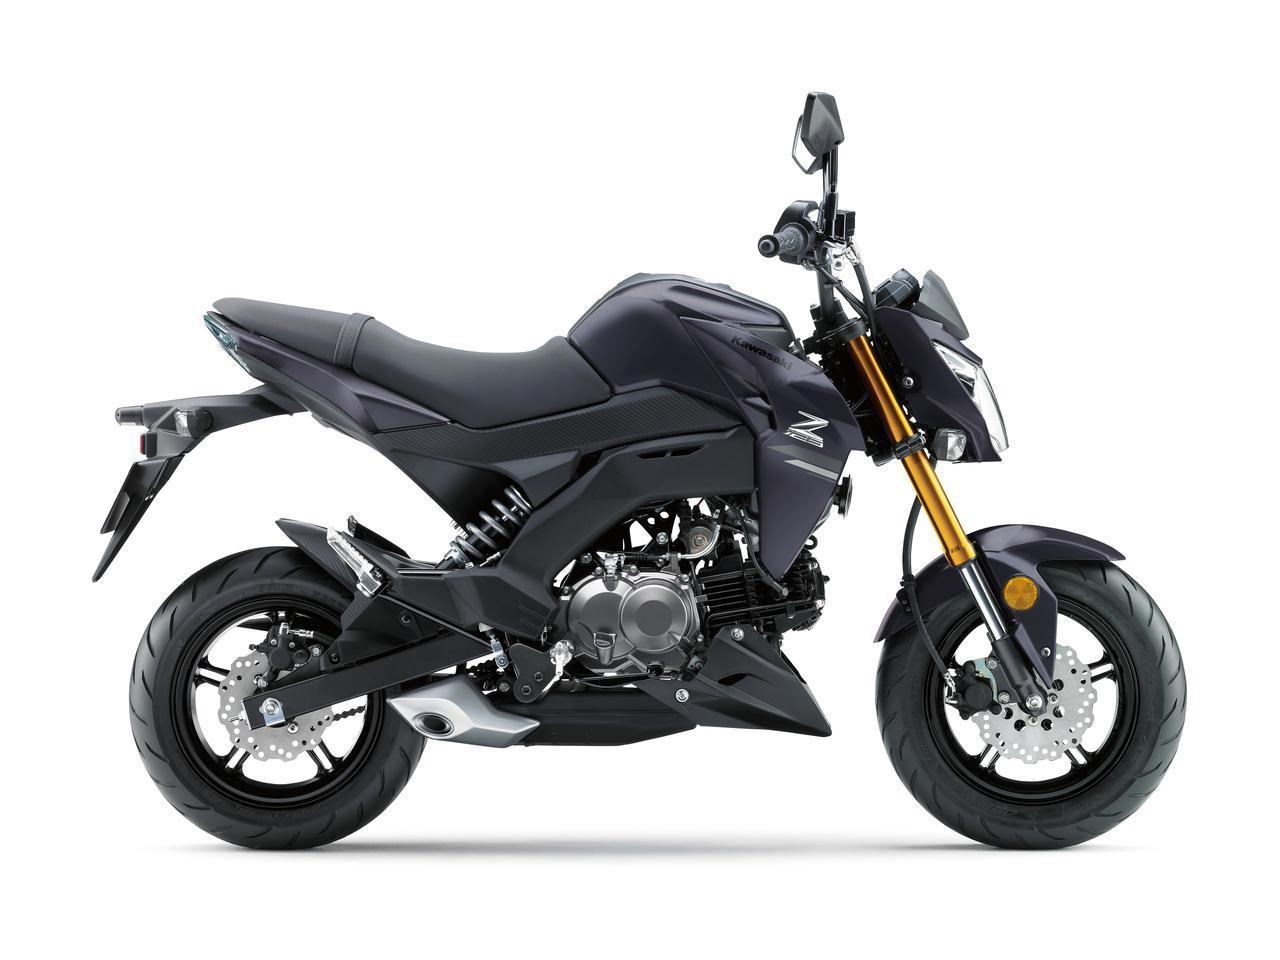 画像4: これが最後!? カワサキが原付二種スポーツバイク「Z125 PRO」の2021年モデルを発表!